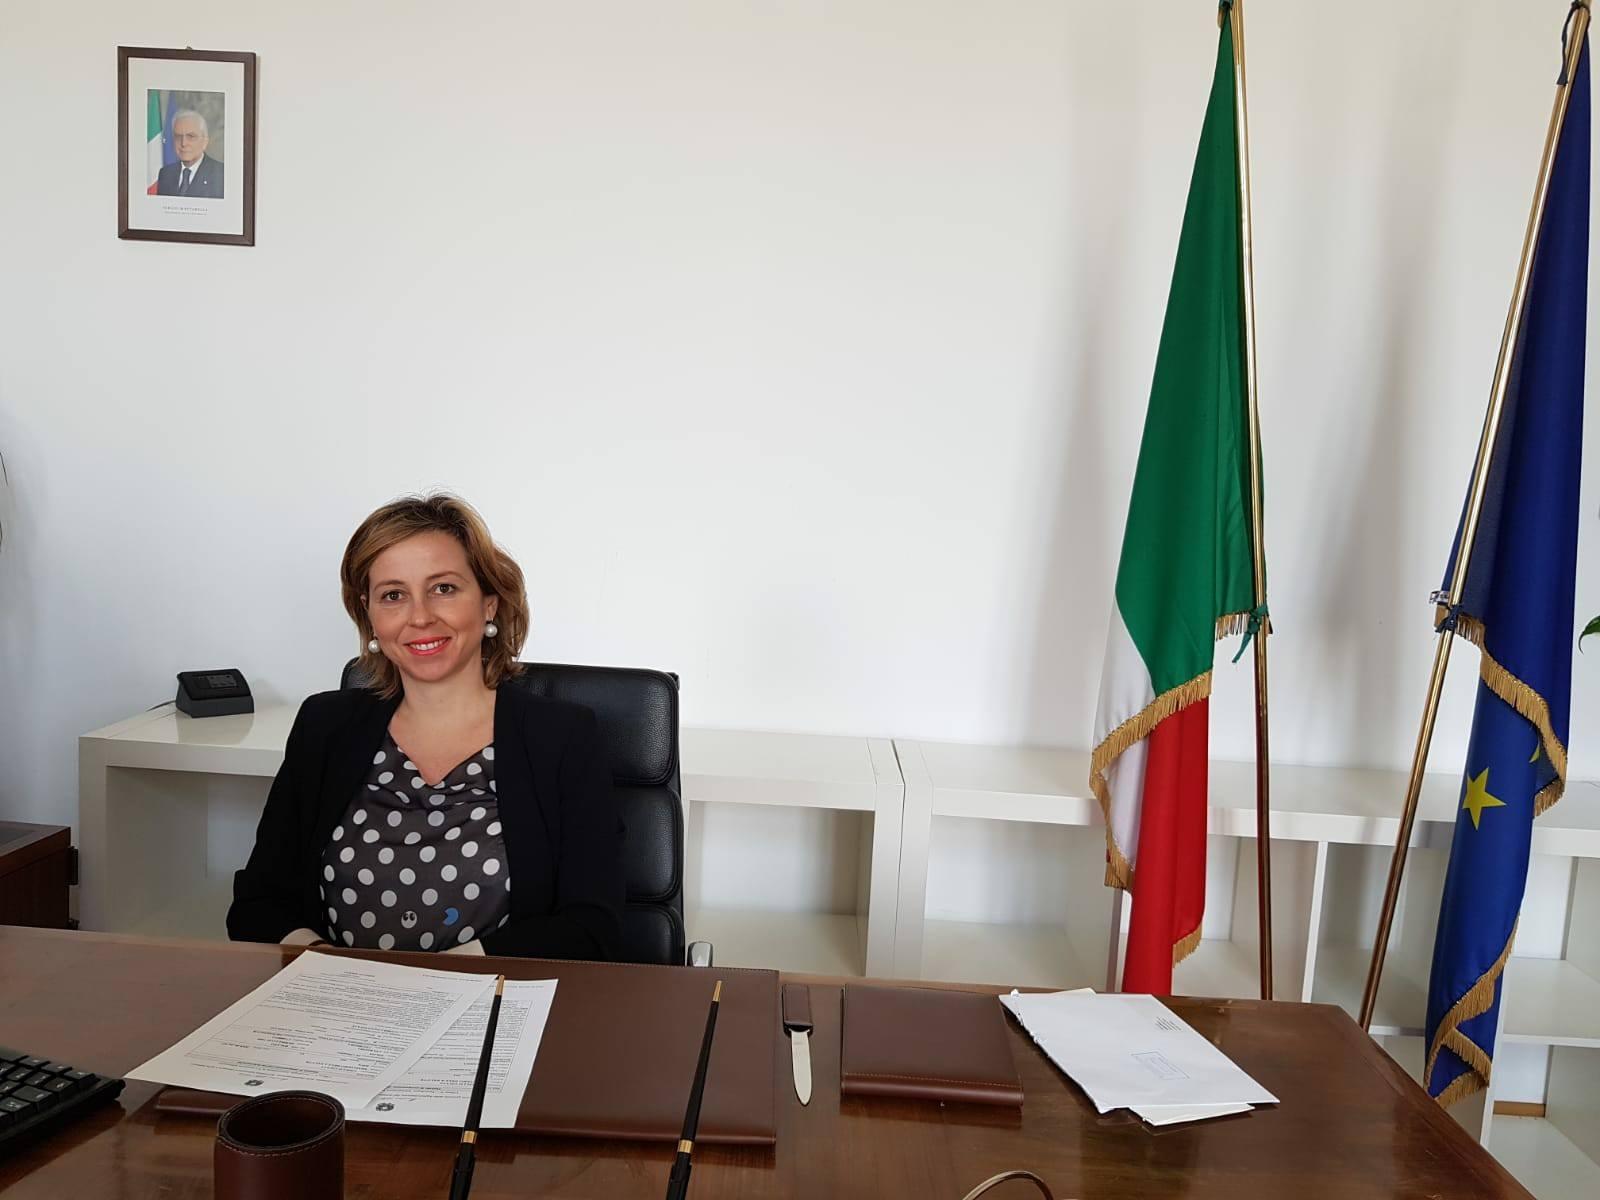 Giulia Grillo scrive su Facebook: Anche in Sanità è scoccata l'ora della TRASPARENZA delle nomine e della qualità. A cominciare dal DG di AIFA